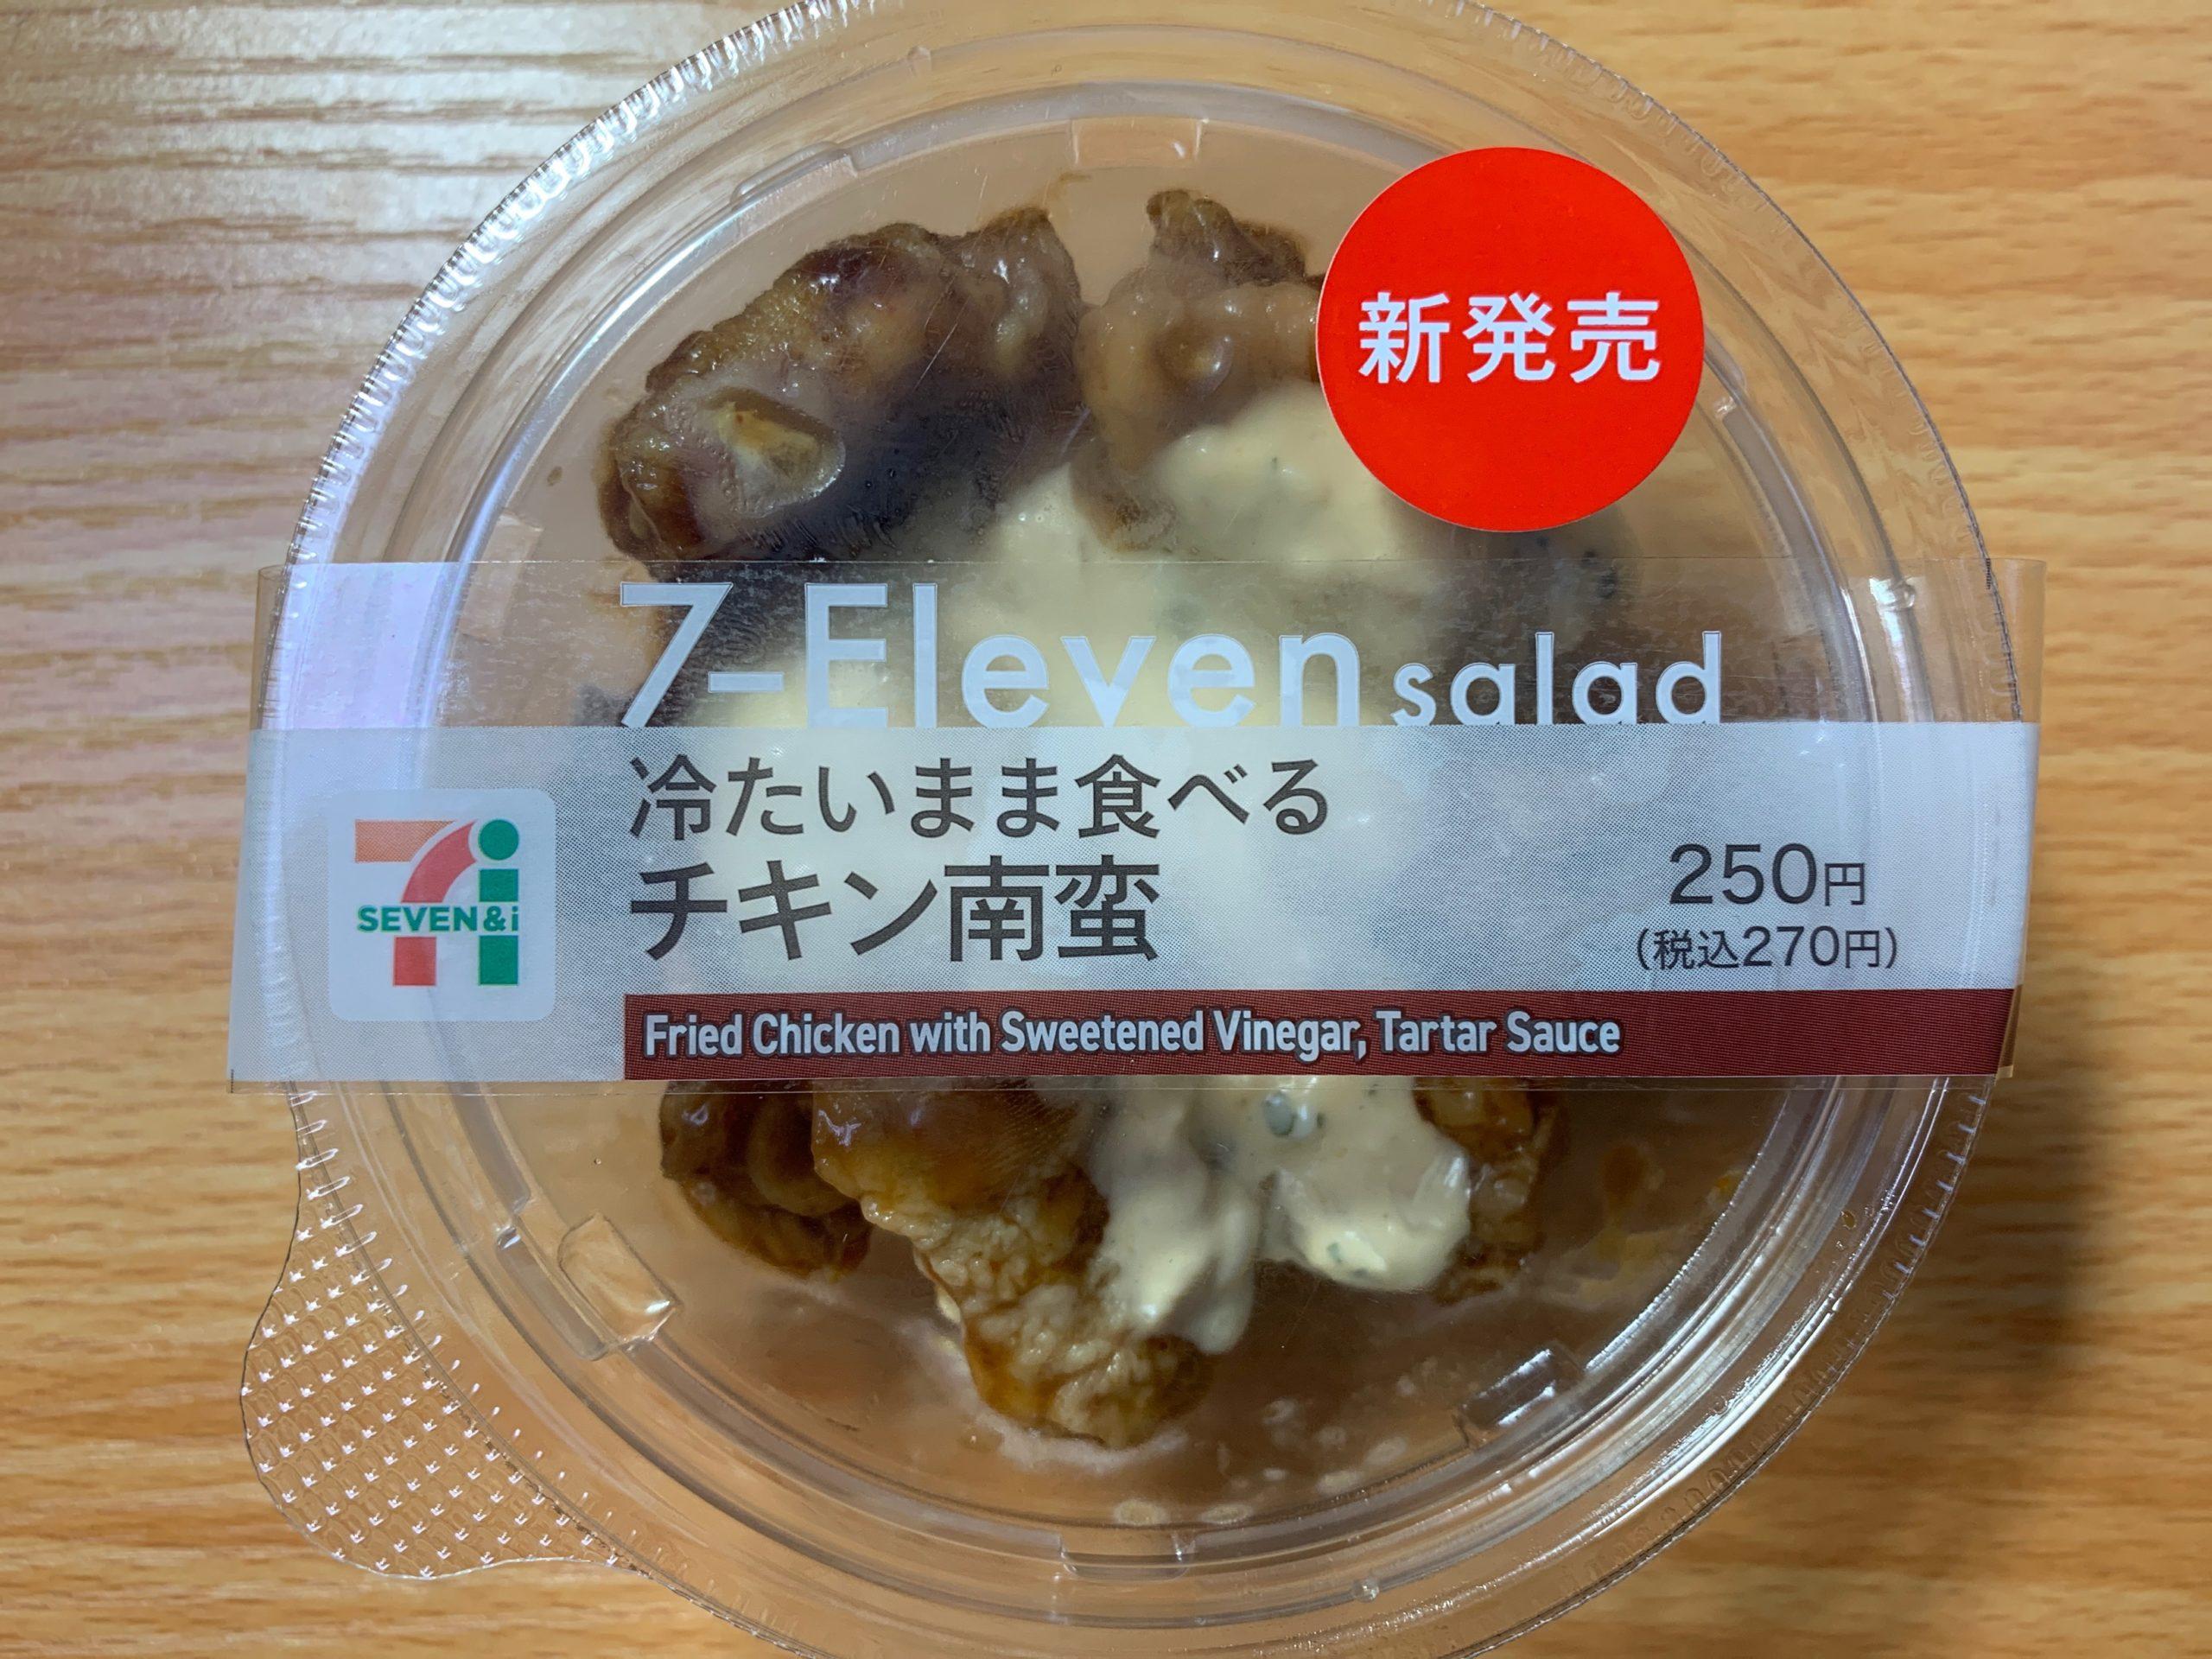 冷たいまま食べるチキン南蛮のパッケージ